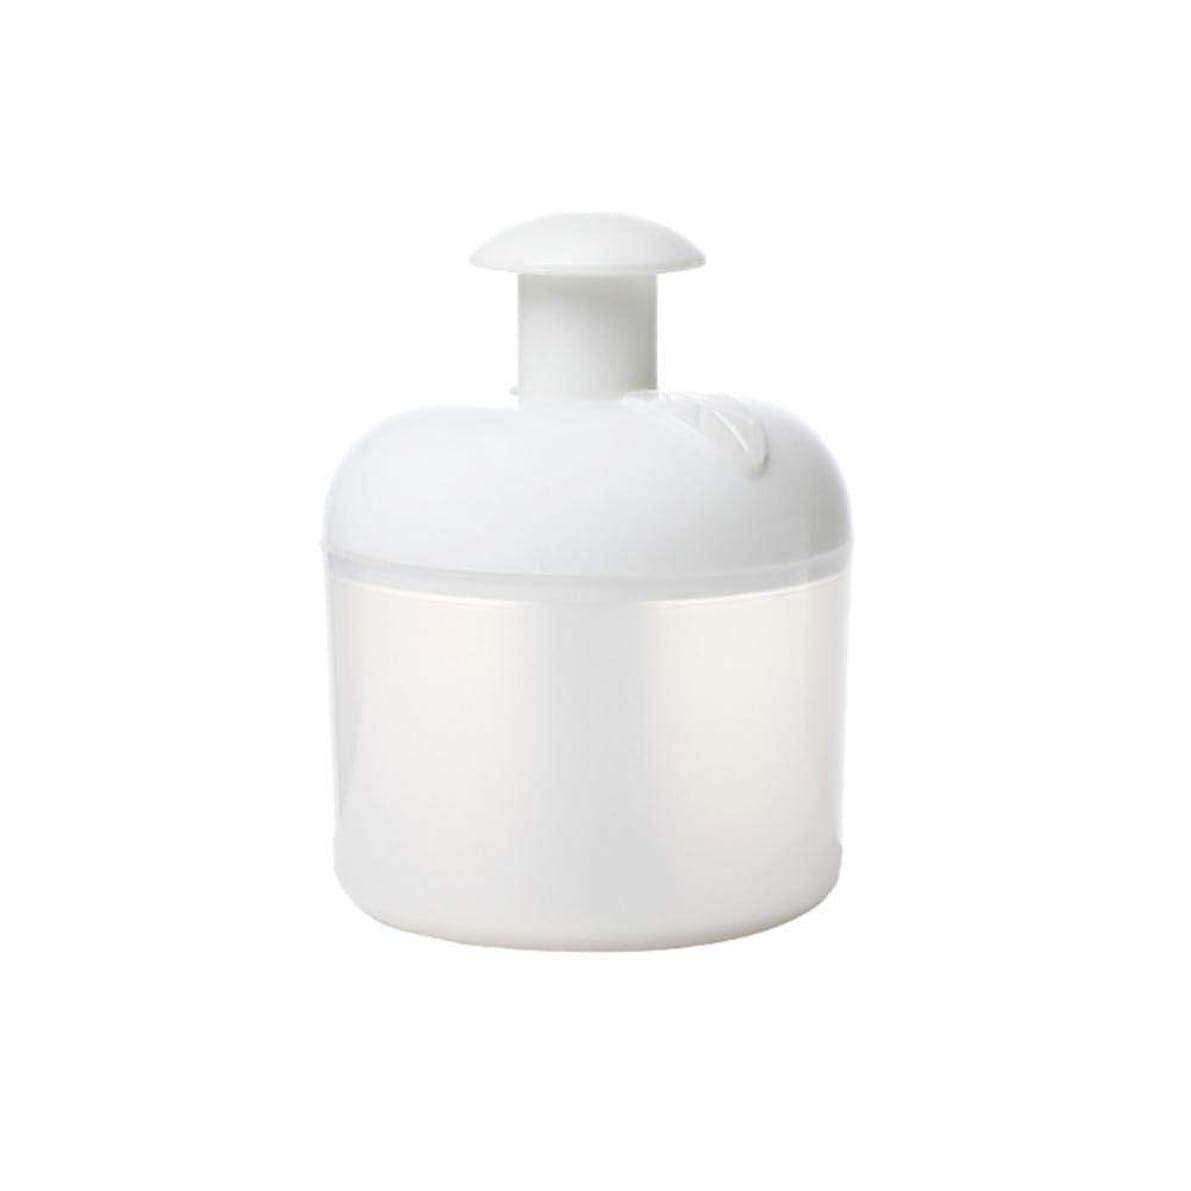 住所アークアクロバットマイクロバブルフォーマー - Dewin 洗顔泡立て器 洗顔ネット マイクロホイッパー クリーンツール 7倍の濃厚なバブル 美容グッズ